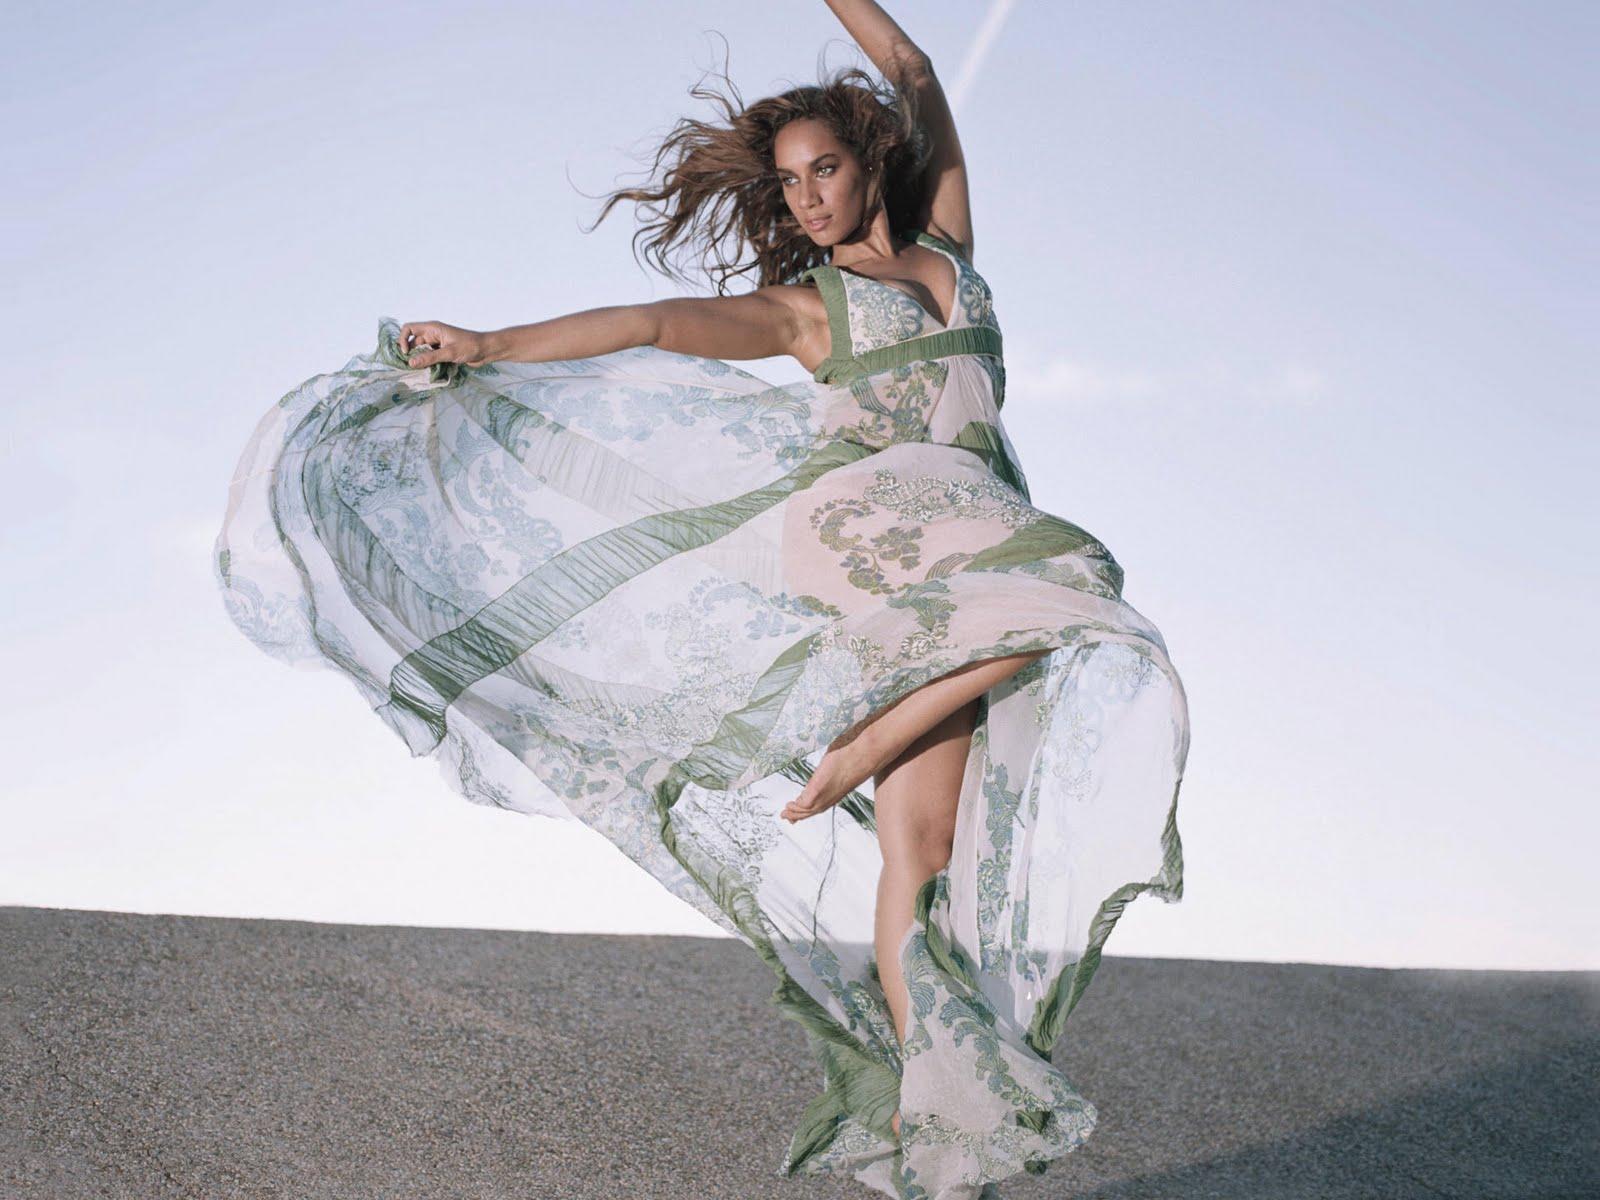 http://4.bp.blogspot.com/_6QURoNy4-5k/TOrNYoQZ4nI/AAAAAAAAIkg/QyiNwYgIR1c/s1600/Leona-Lewis.jpg